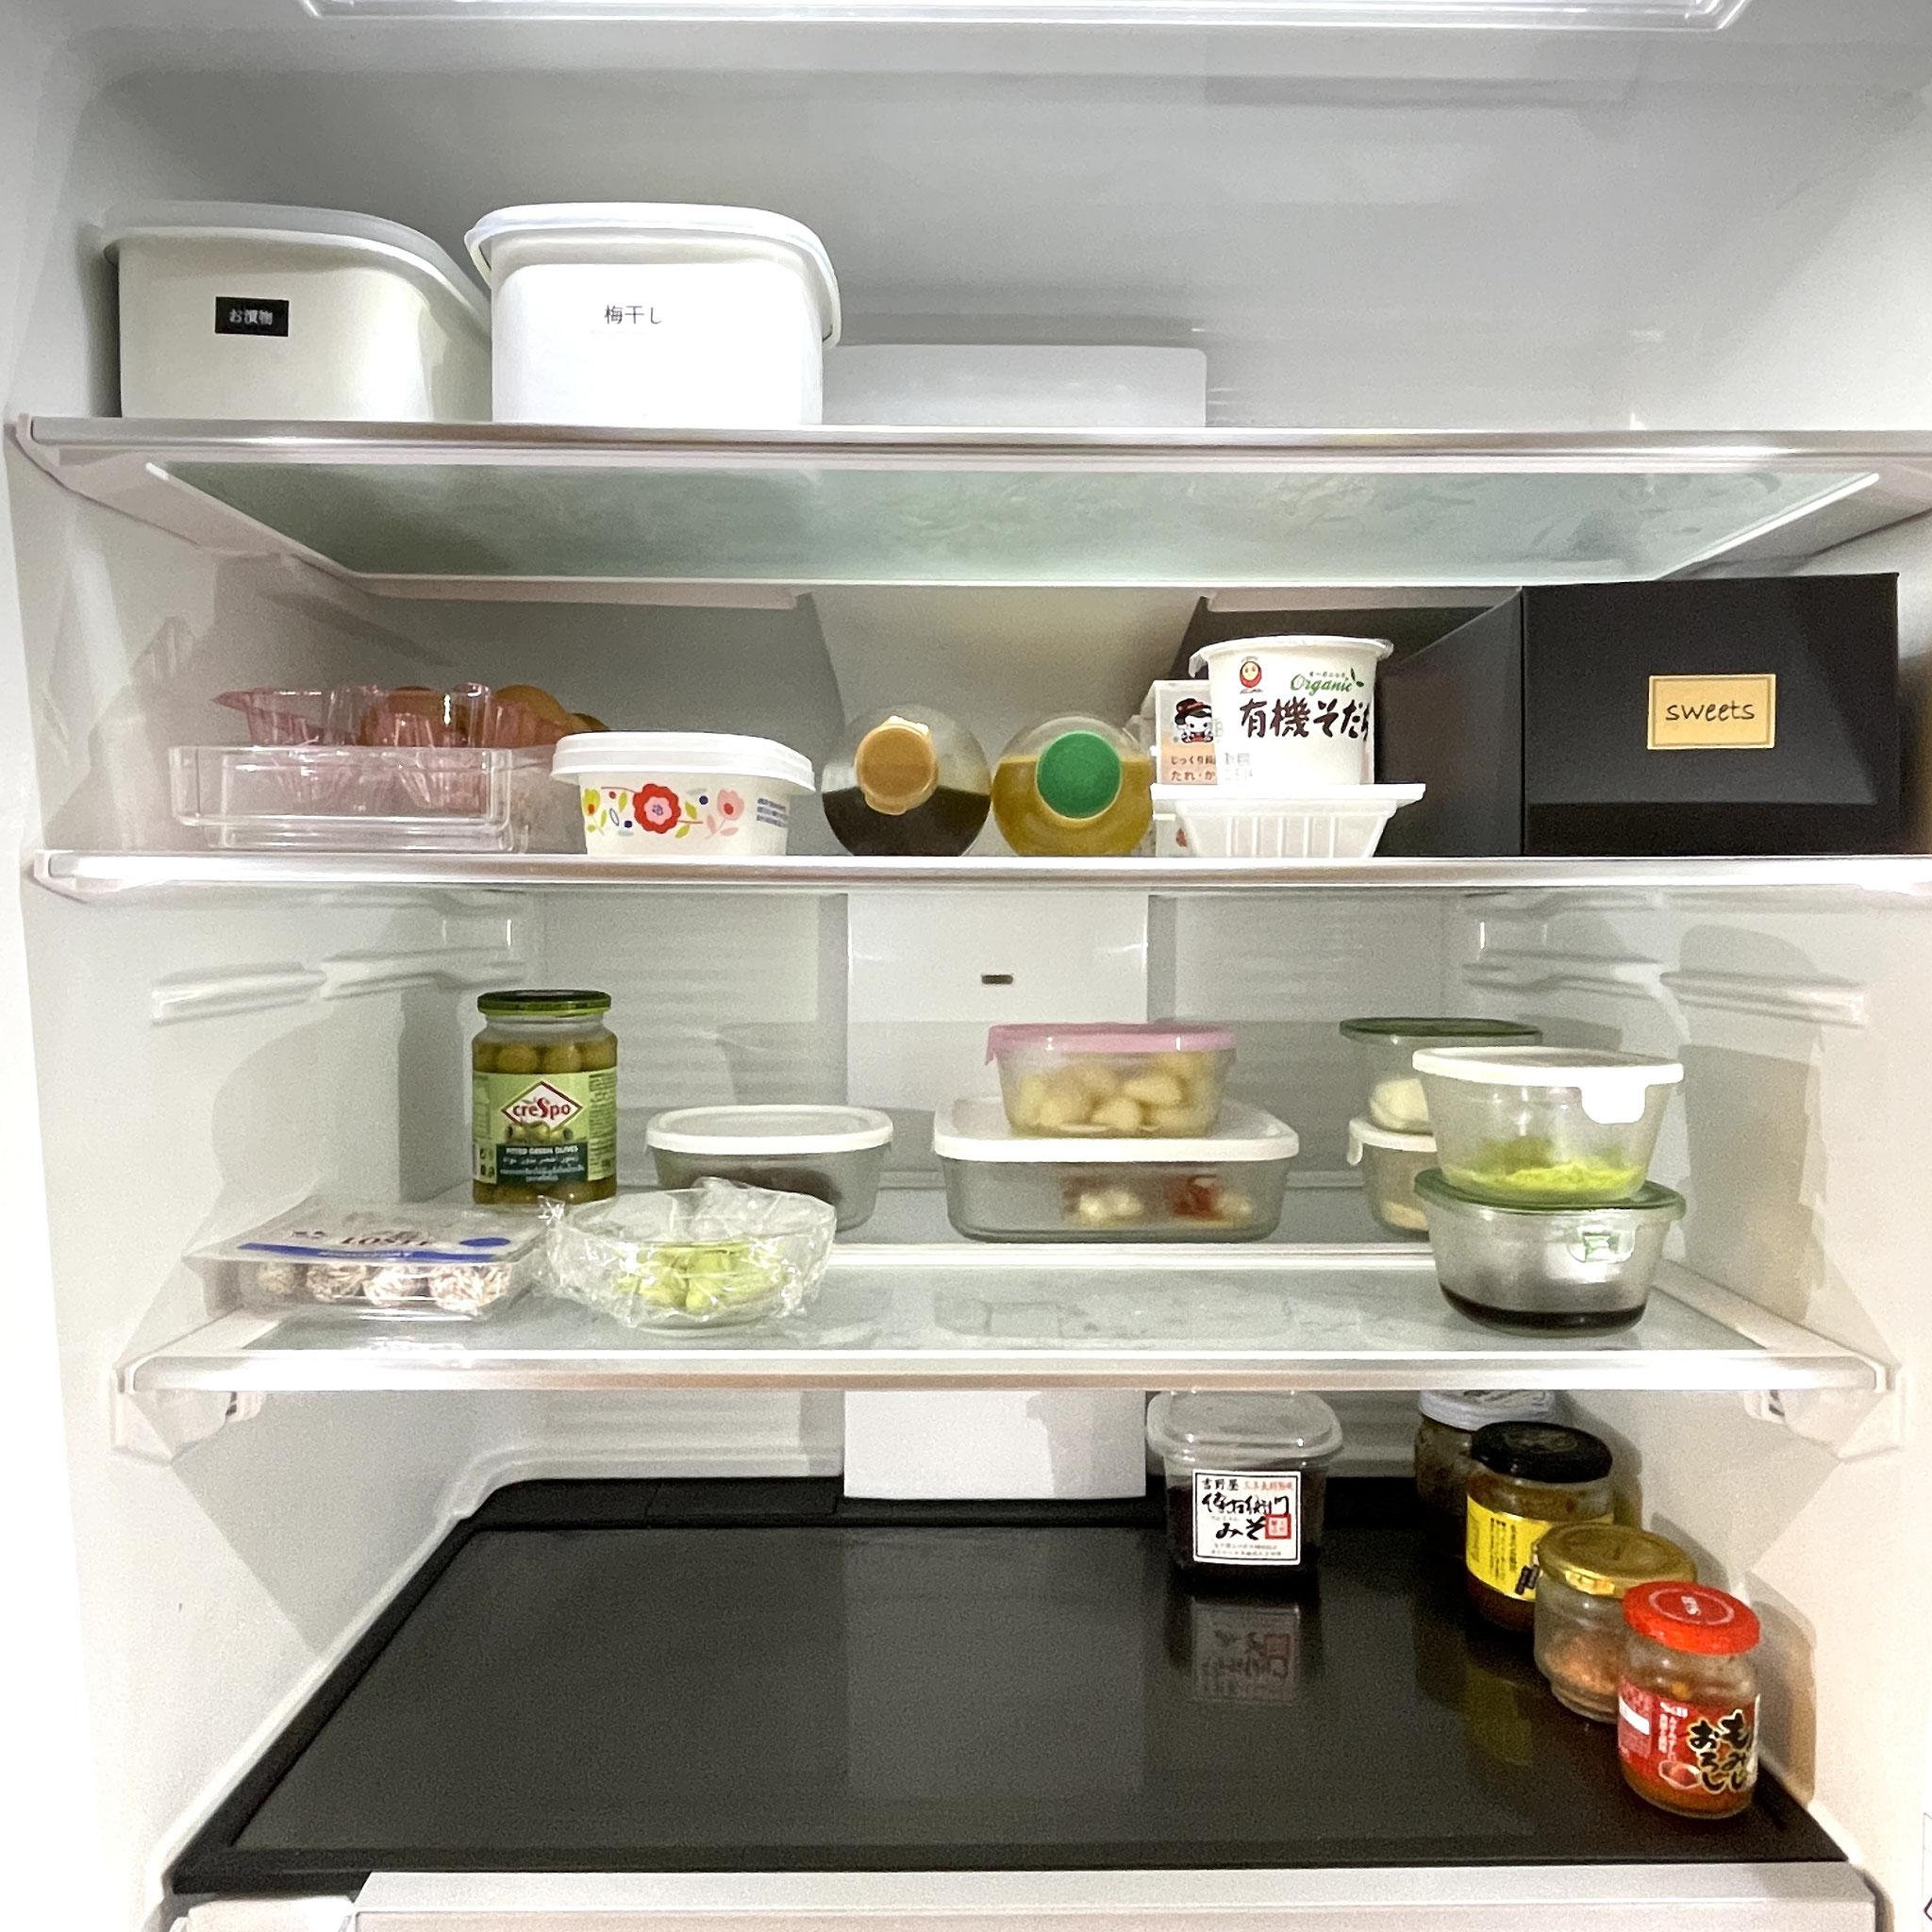 食材を戻したら冷蔵庫収納の完成☆